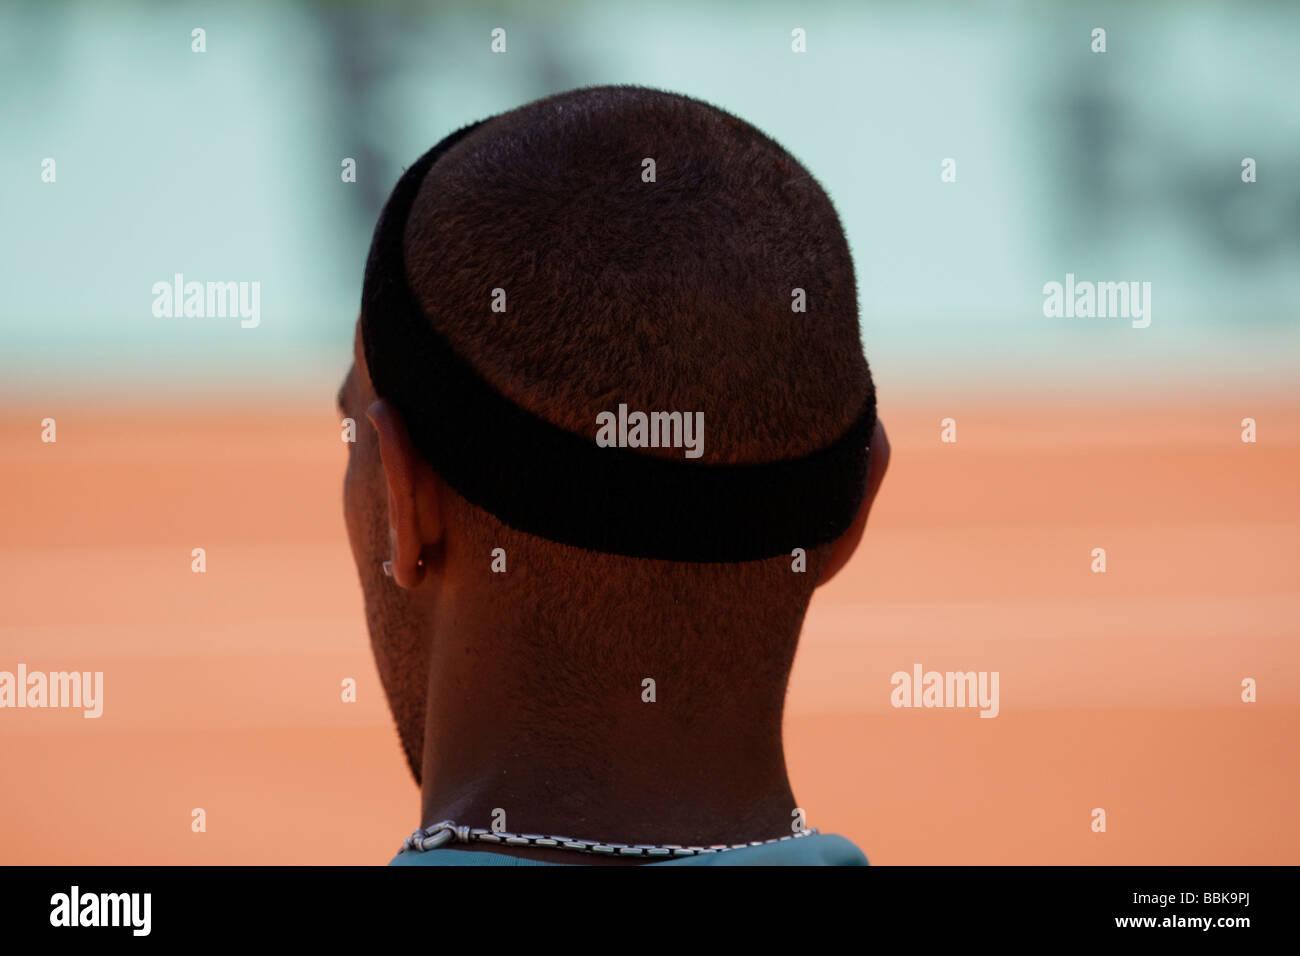 Specchietto della testa del giocatore di tennis Josselin Ouanna (FRA) durante la pausa del gioco. Immagini Stock